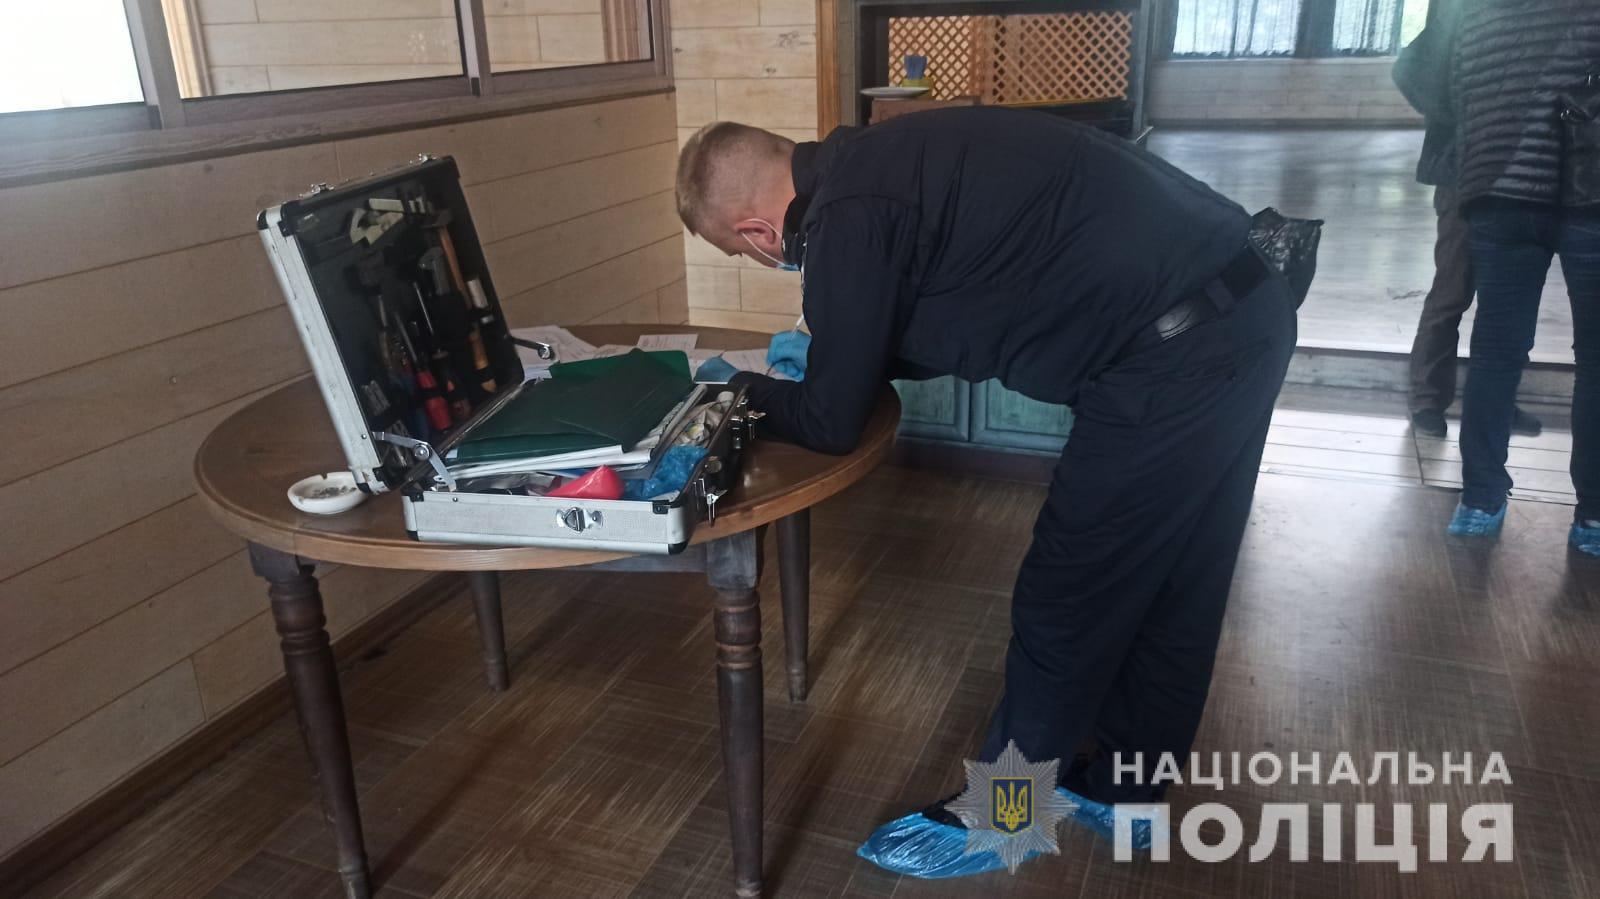 В кафе в центре Харькова из помпового ружья застрелился его владелец